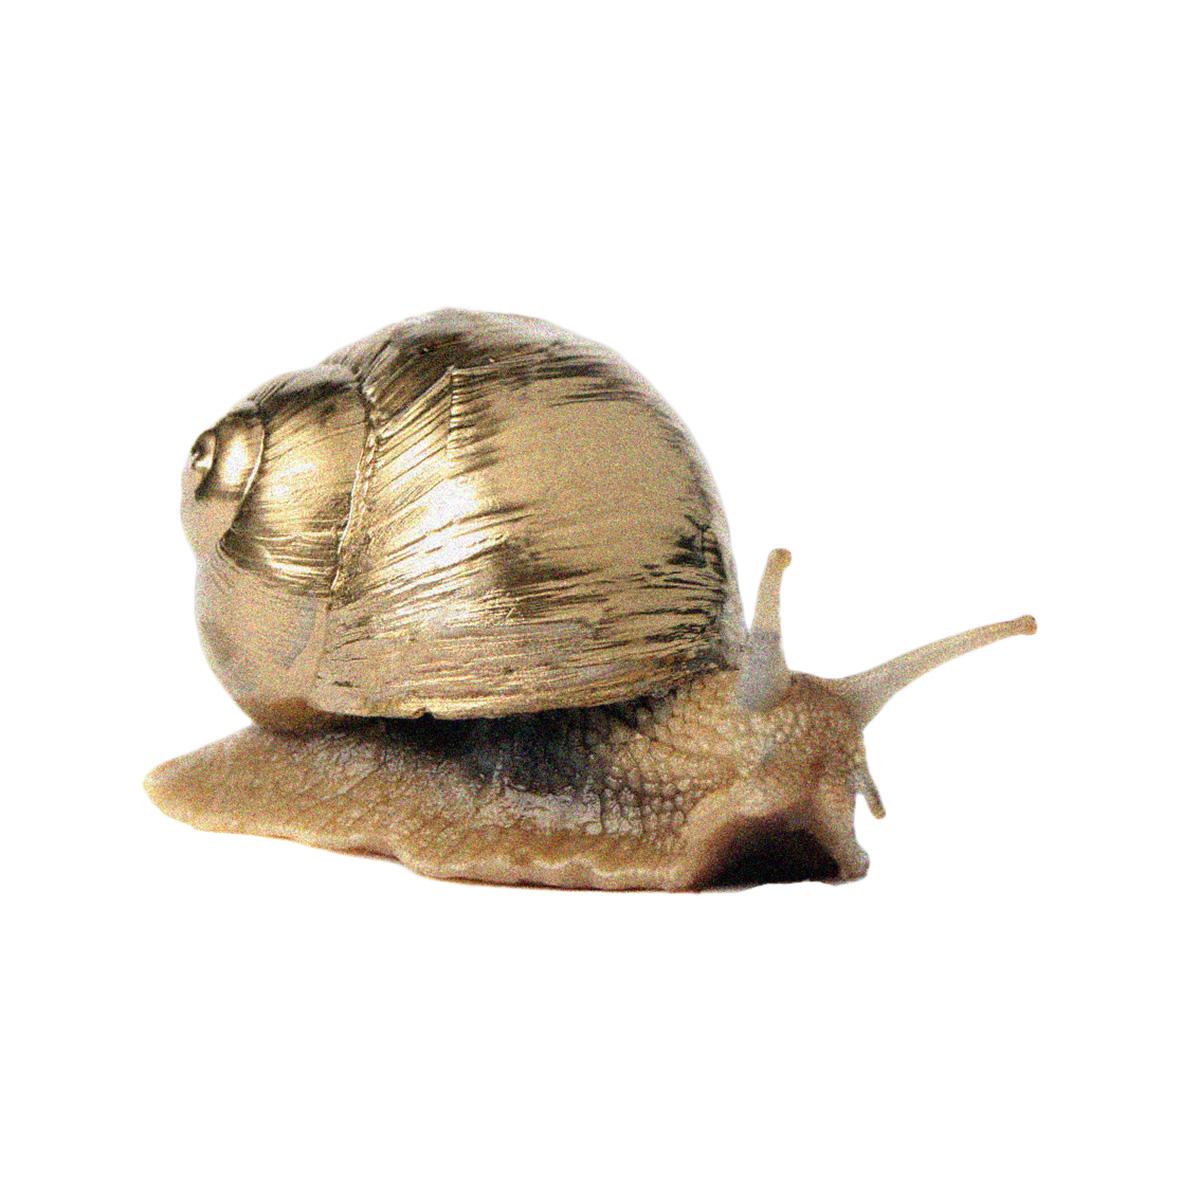 pauahtun scribes kunsthaus aarau gold snail